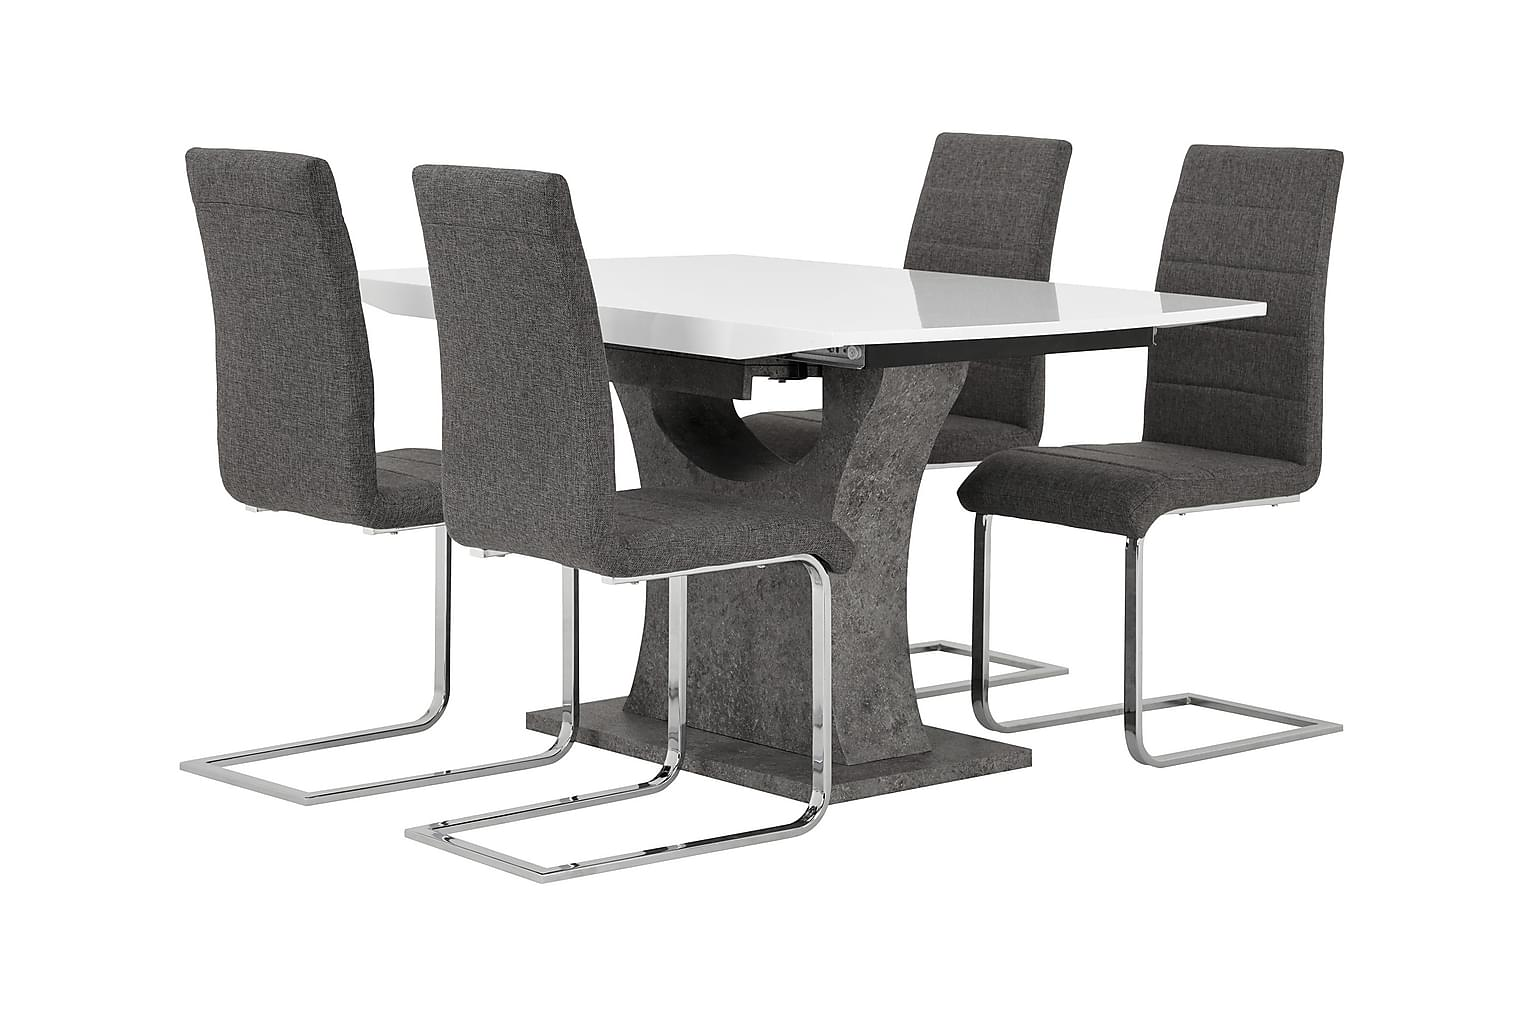 ELLA Pöytä 140 Valkoinen/Betoni + 4 EMÅN Tuoli Harmaa